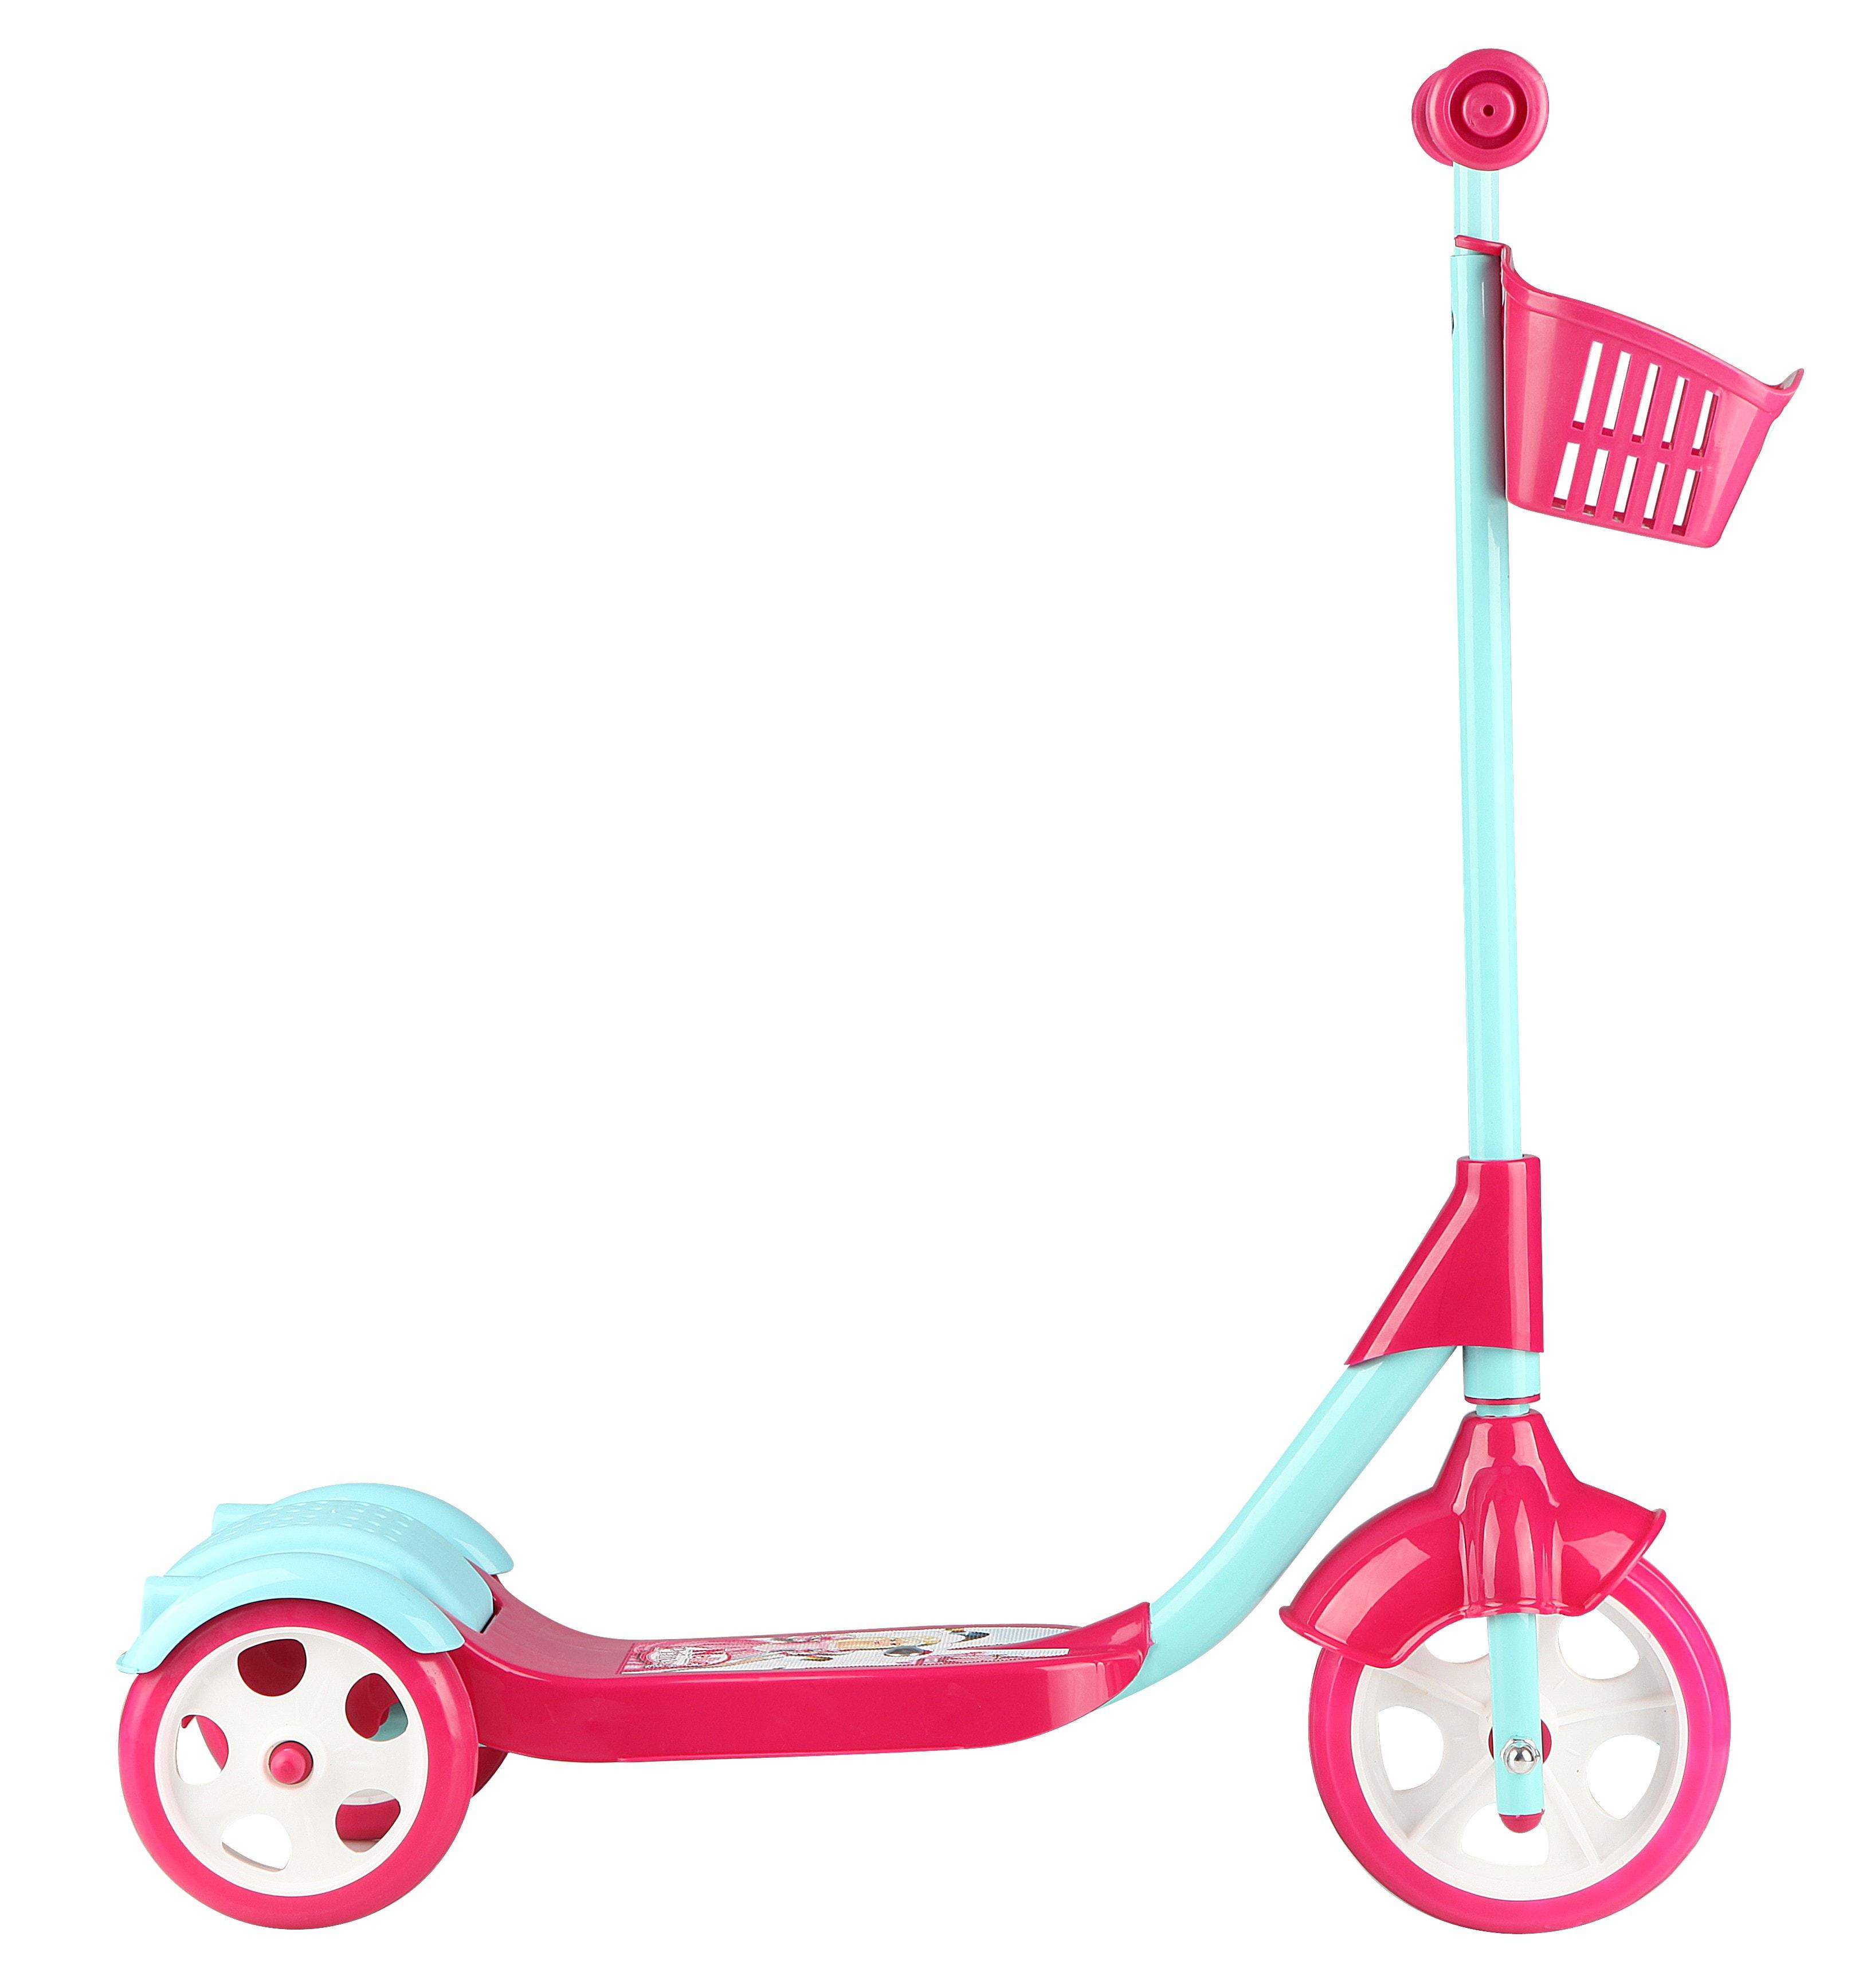 Παιδικό Τρίκυκλο Πατίνι με Καλάθι -Ροζ